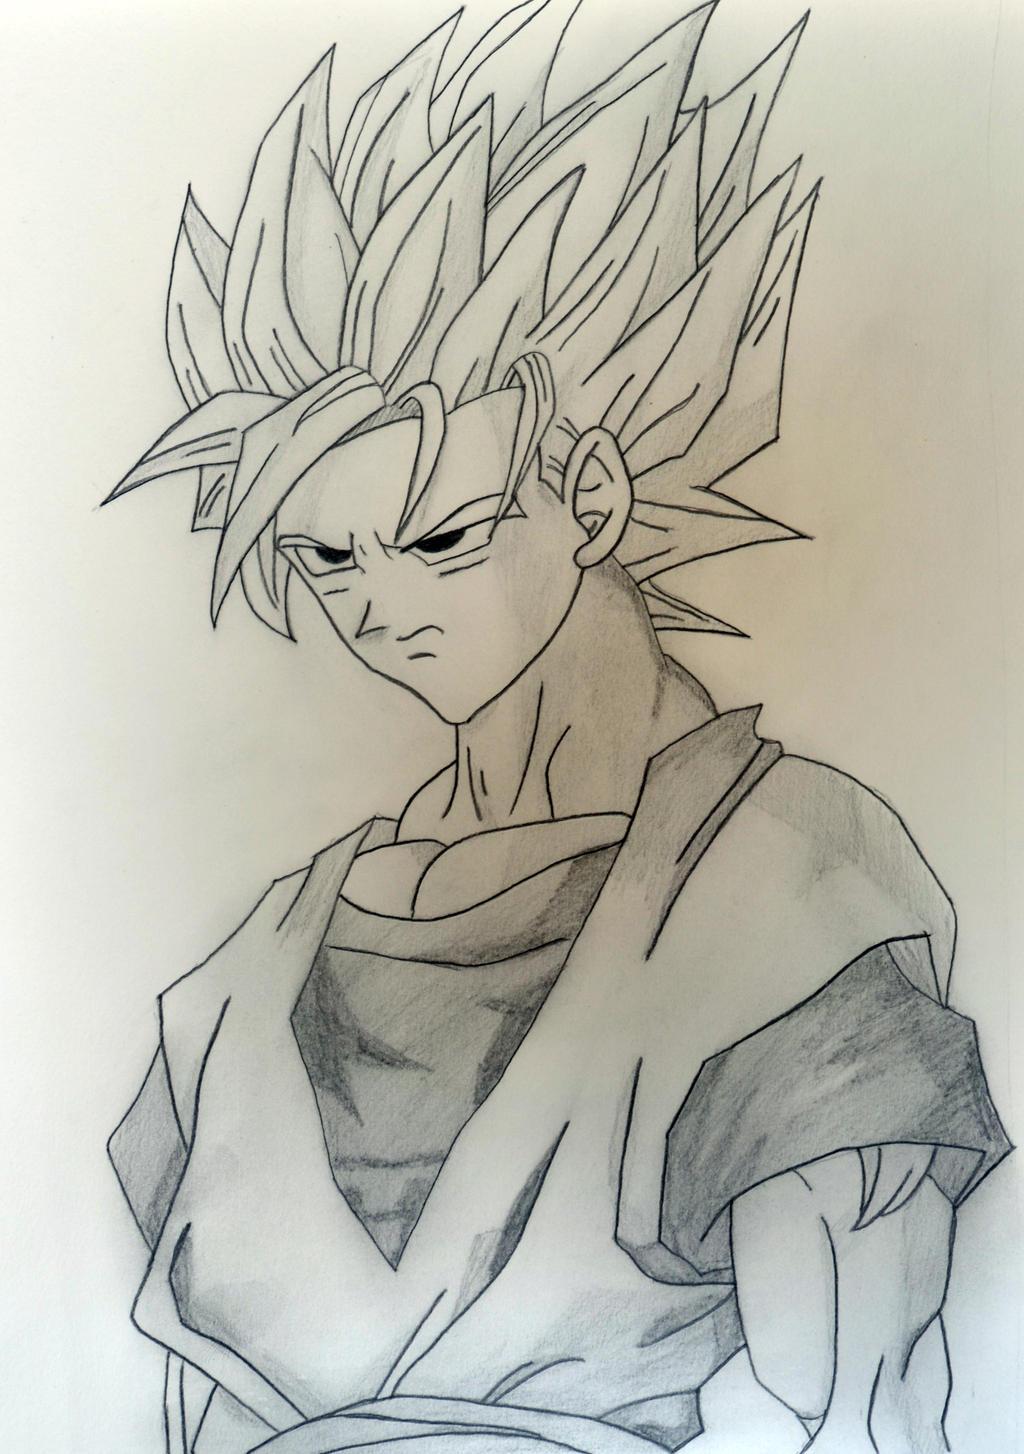 Goku Super Saiyan 2 Drawing By Mmkurt On Deviantart